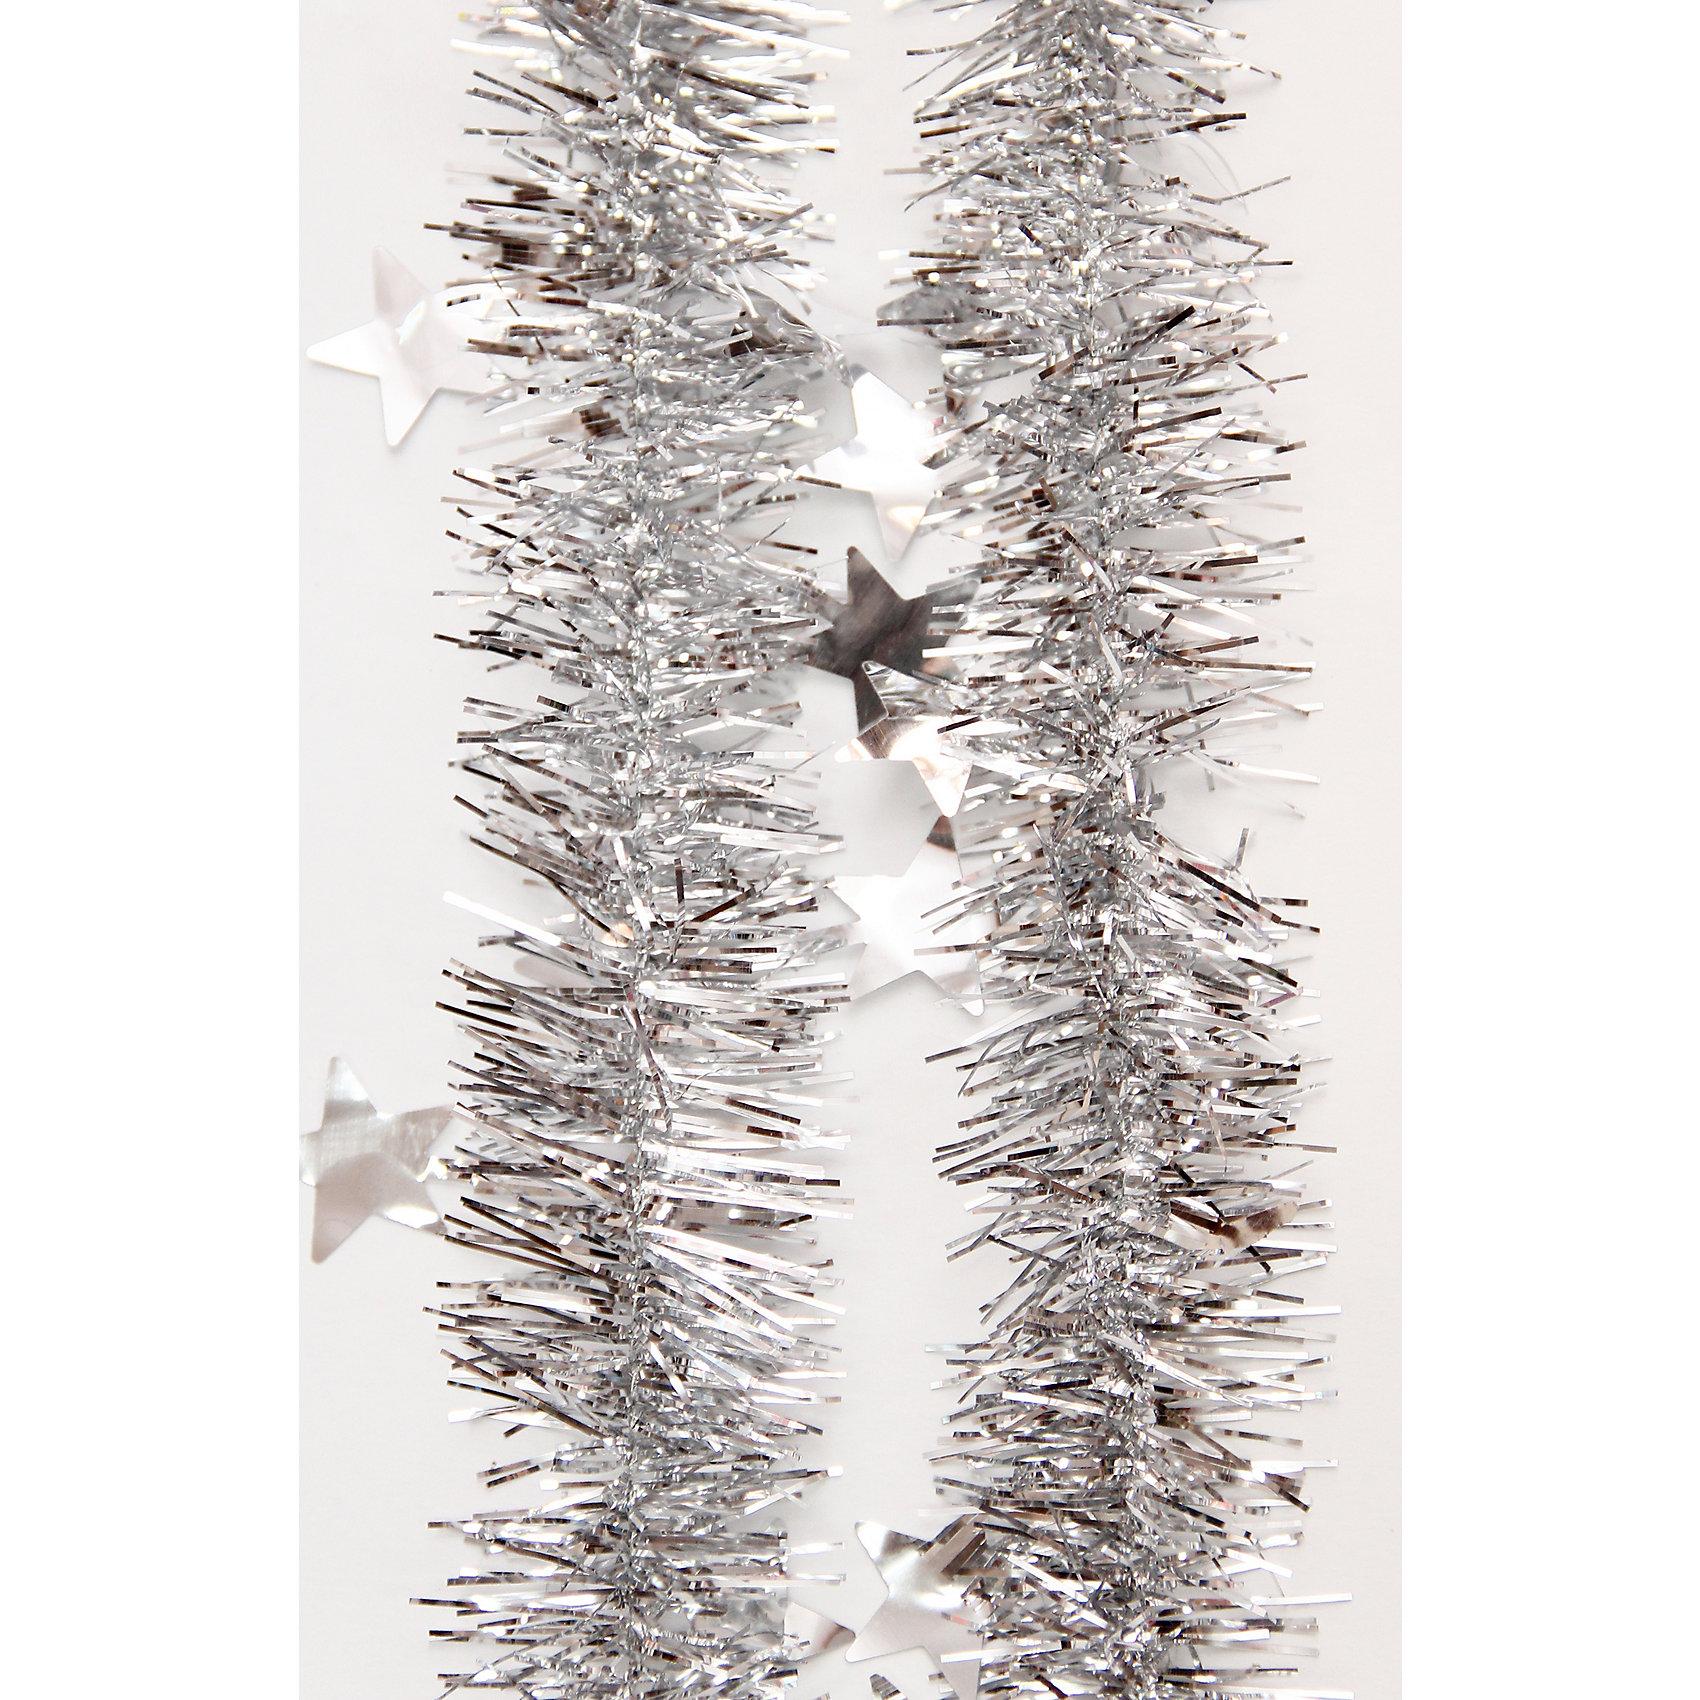 Мишура Серебро 6*200 смМишура в серебряном цвете отлично подойдет для украшения к новому году. Блеск мишуры создает приятную новогоднюю атмосферу.  Она не будет сыпаться, поэтому останется яркой и блестящей и будет радовать вас ещё не один год. <br><br>Характеристика:<br>-Размер: 6 м 200 см<br>-Цвет: серебряный<br>-Арт.: 34898<br><br>Мишуру Серебро можно приобрести в нашем интернет-магазине.<br><br>Ширина мм: 100<br>Глубина мм: 100<br>Высота мм: 60<br>Вес г: 15<br>Возраст от месяцев: 36<br>Возраст до месяцев: 2147483647<br>Пол: Унисекс<br>Возраст: Детский<br>SKU: 4981442